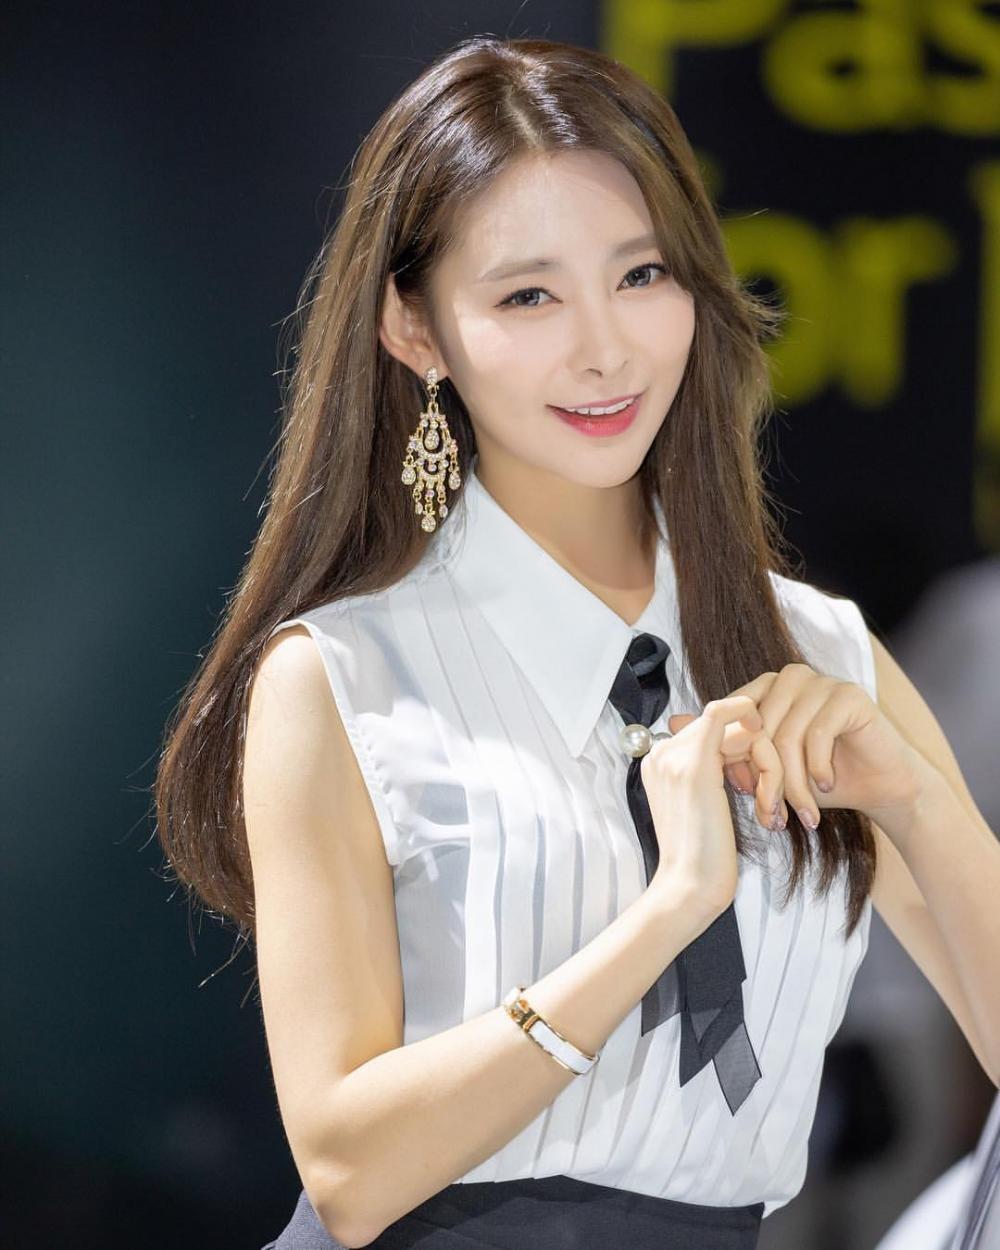 Ngất ngây với người mẫu Hàn Quốc đẹp như tiên tại triển lãm ô tô Busan 2018 - 8